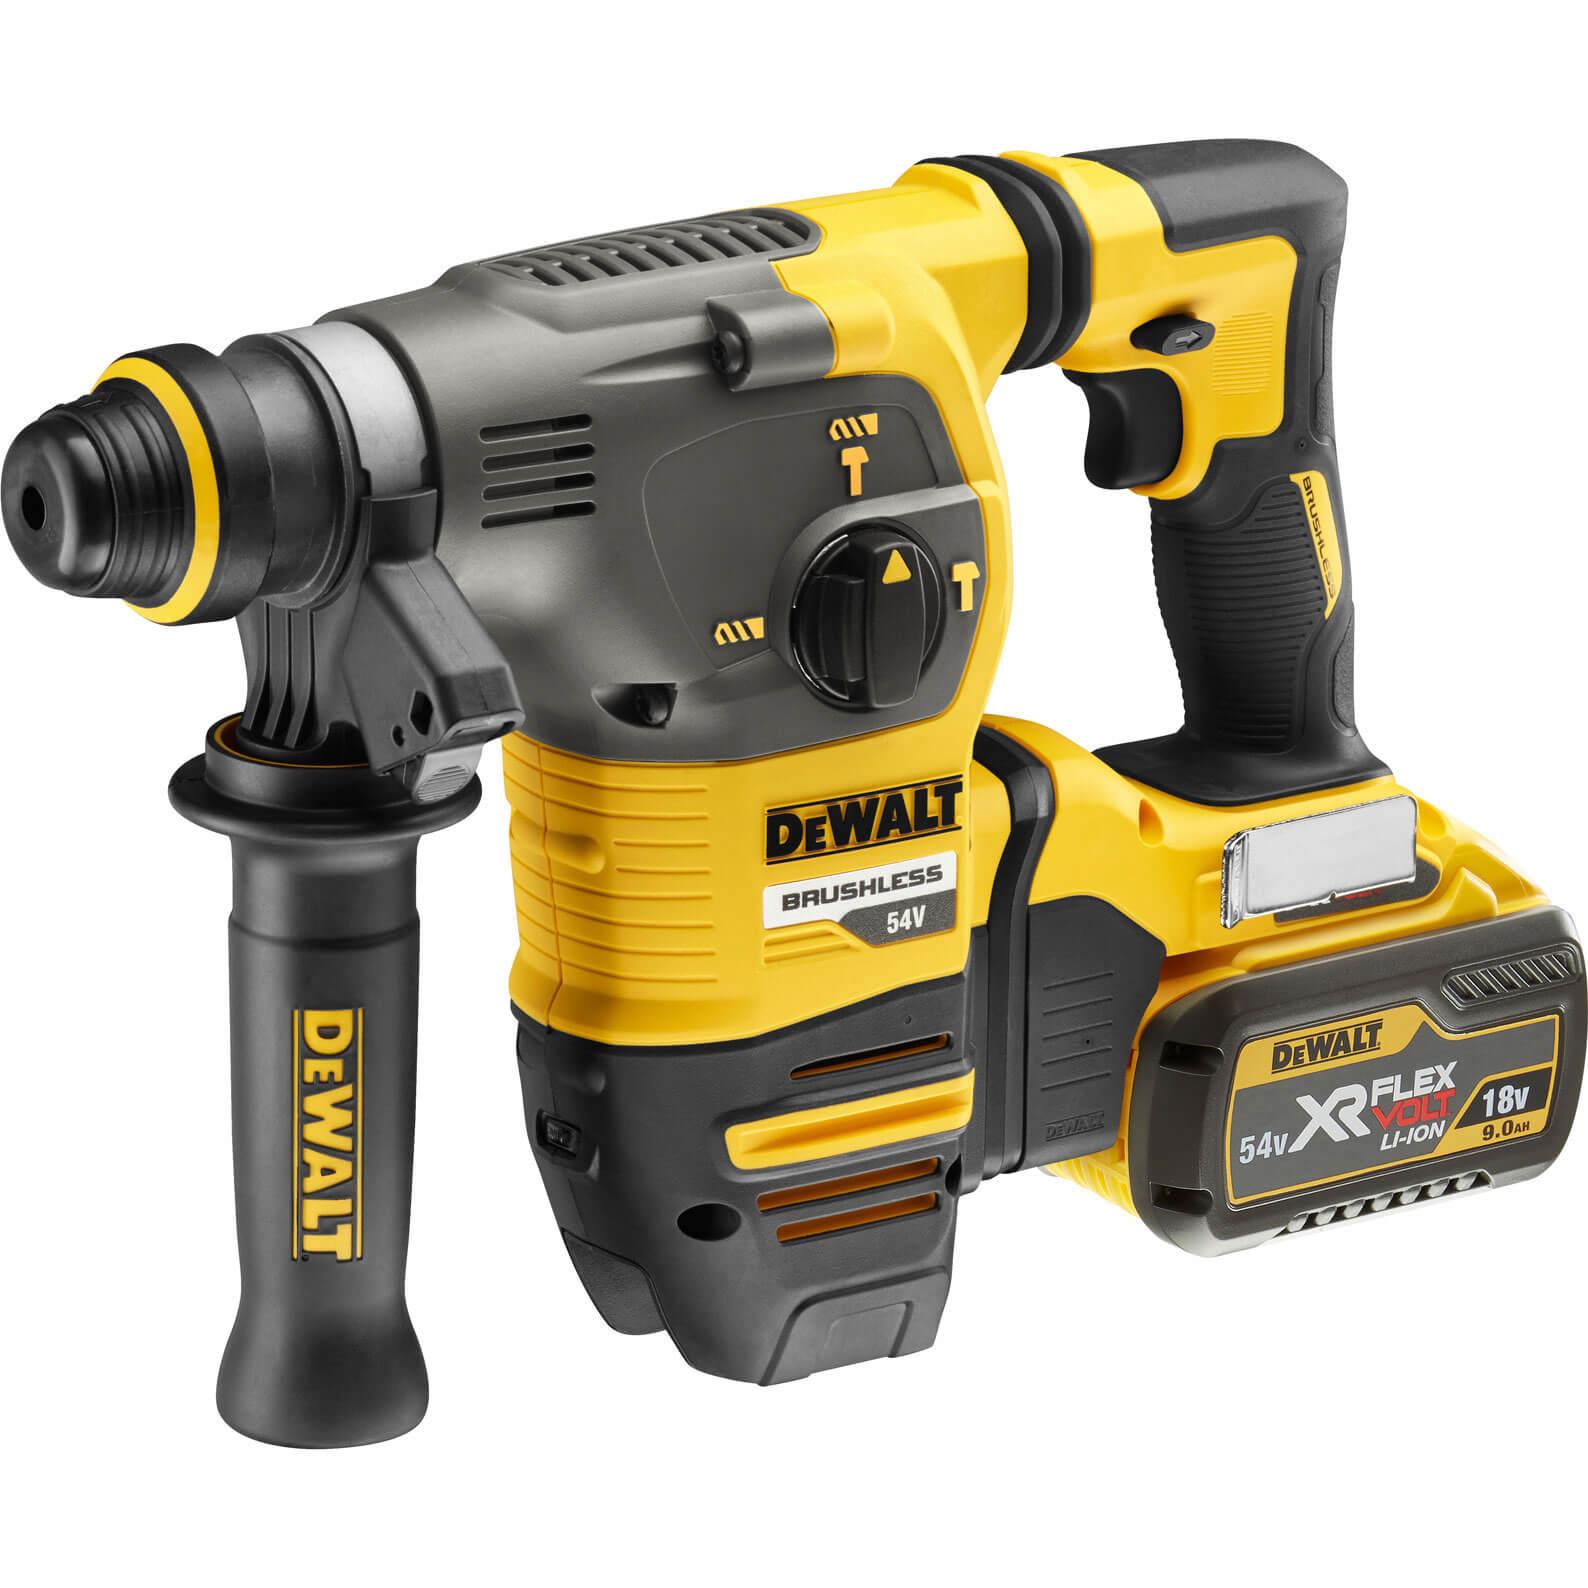 DeWalt DCH333 54v XR FLEXVOLT Cordless SDS Hammer Drill 2 x 9ah Liion Charger Case